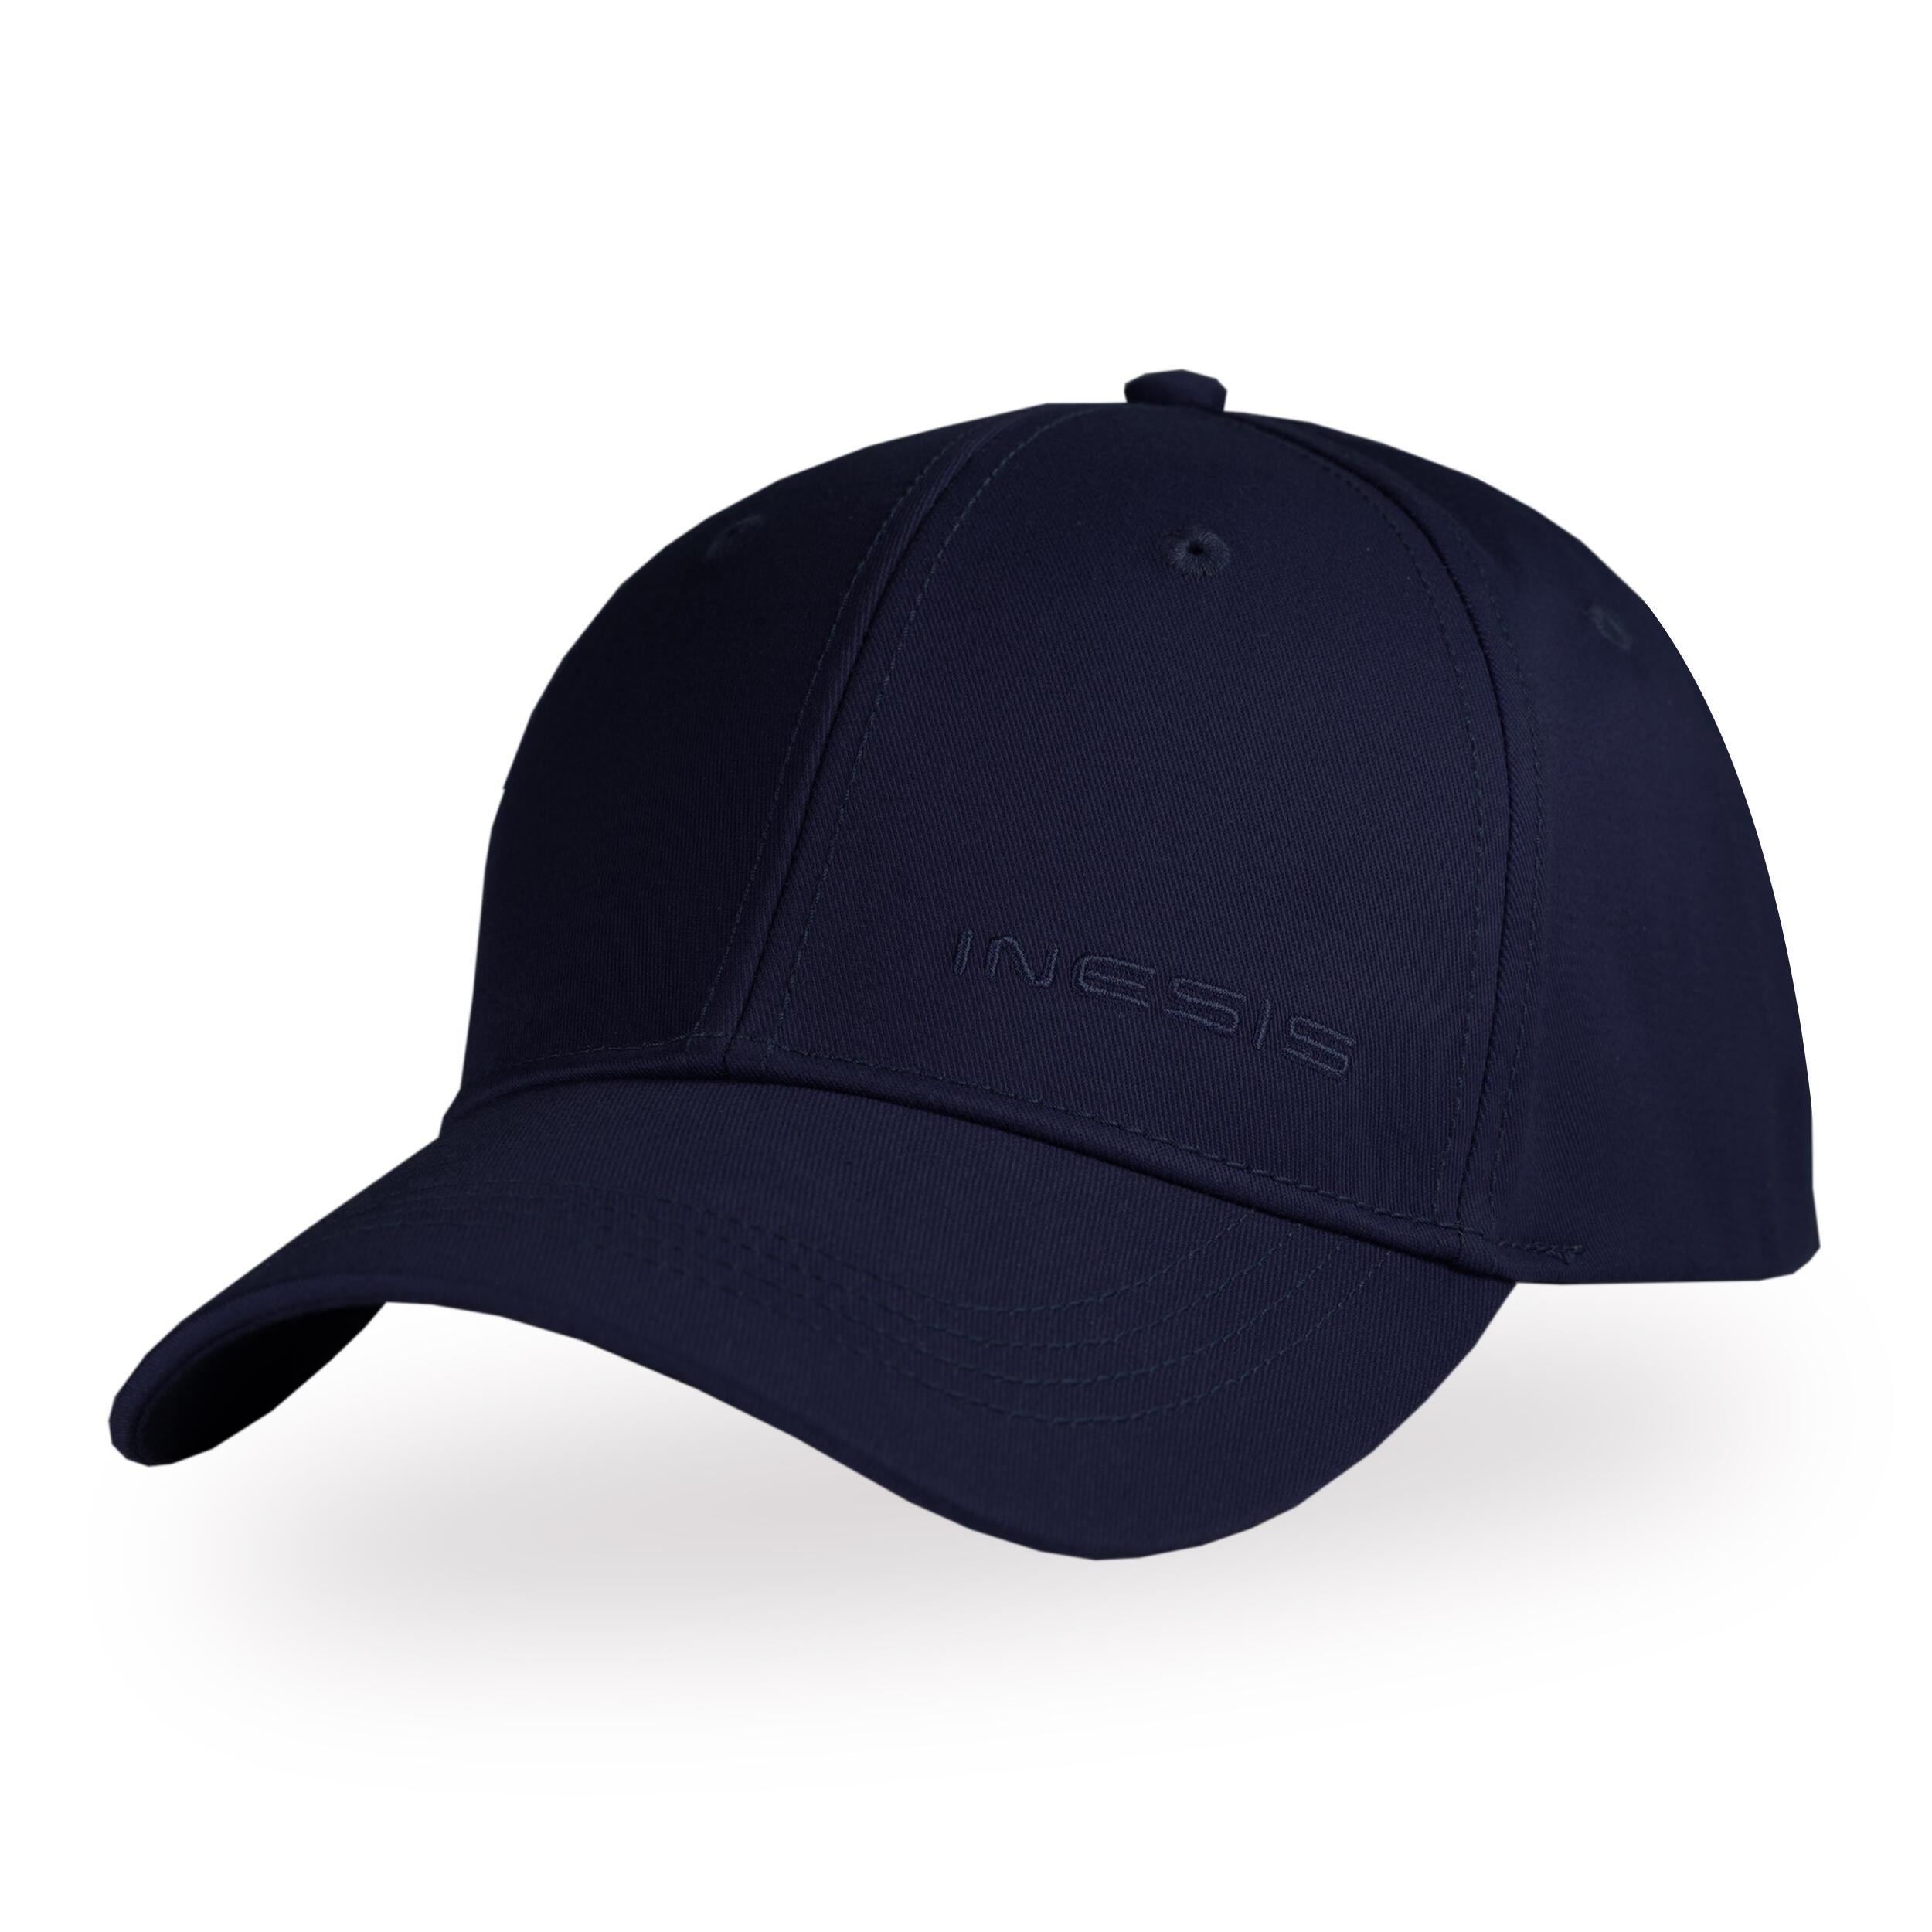 33e0866df92 Golfkleding kopen ← Decathlon